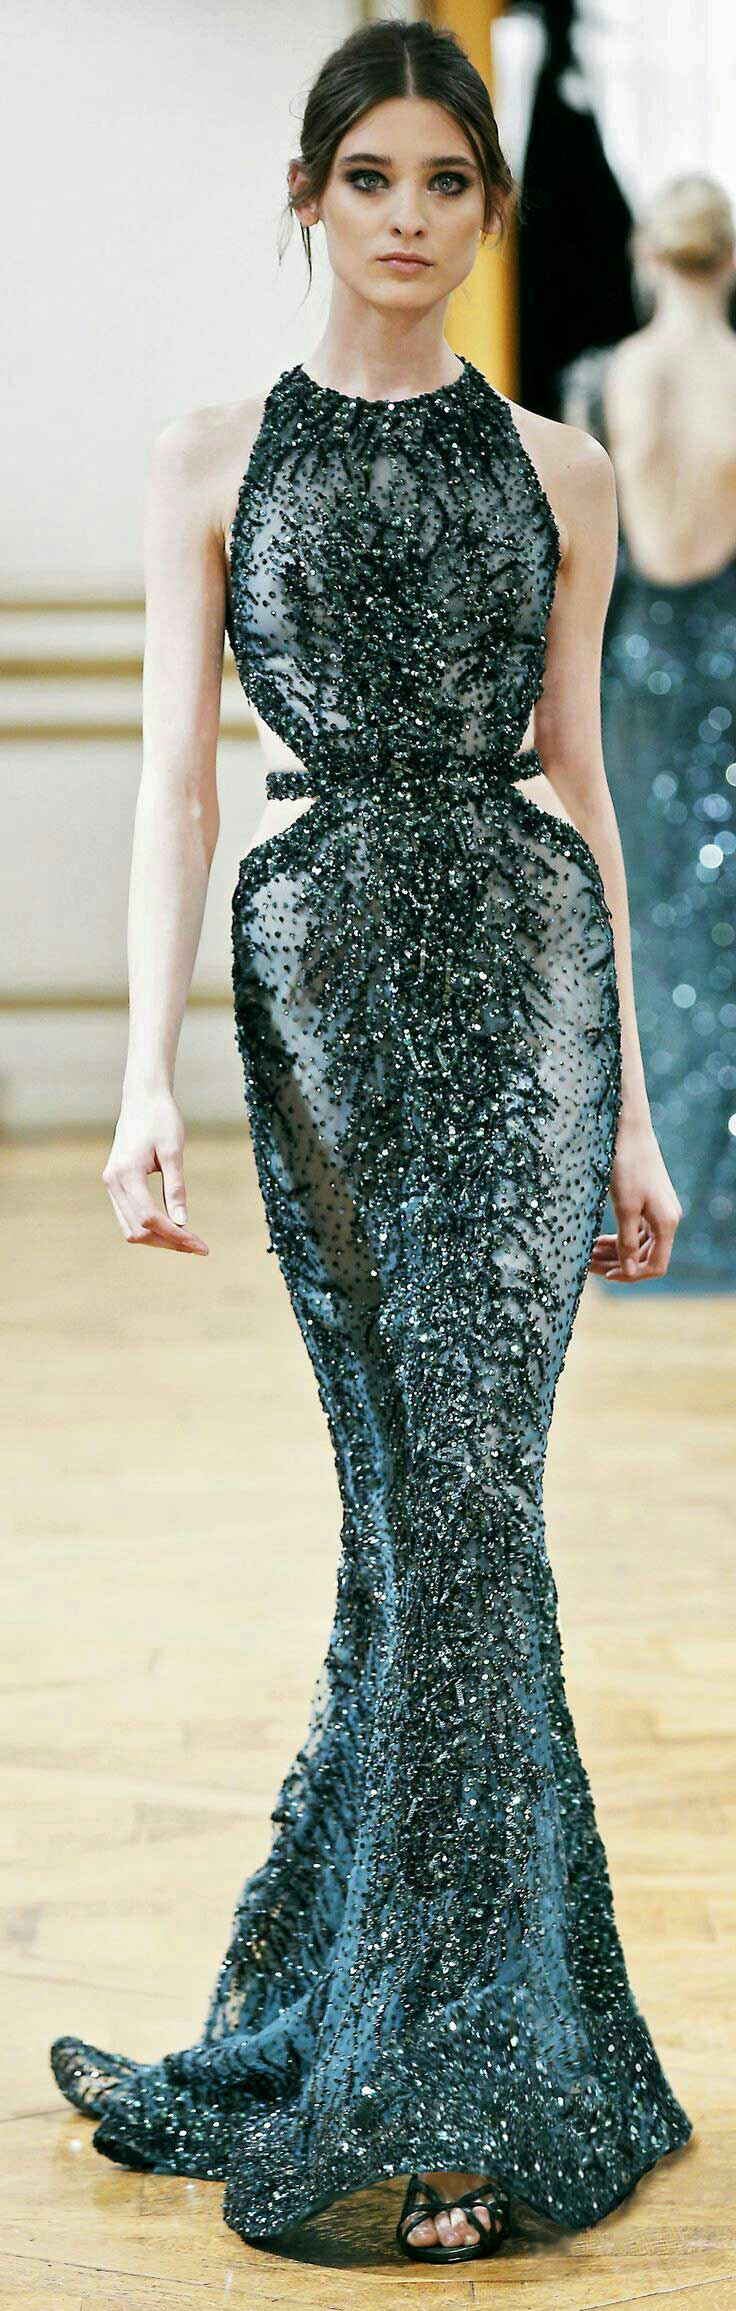 Pin by pawanranan on beautiful dress pinterest fashion beauty